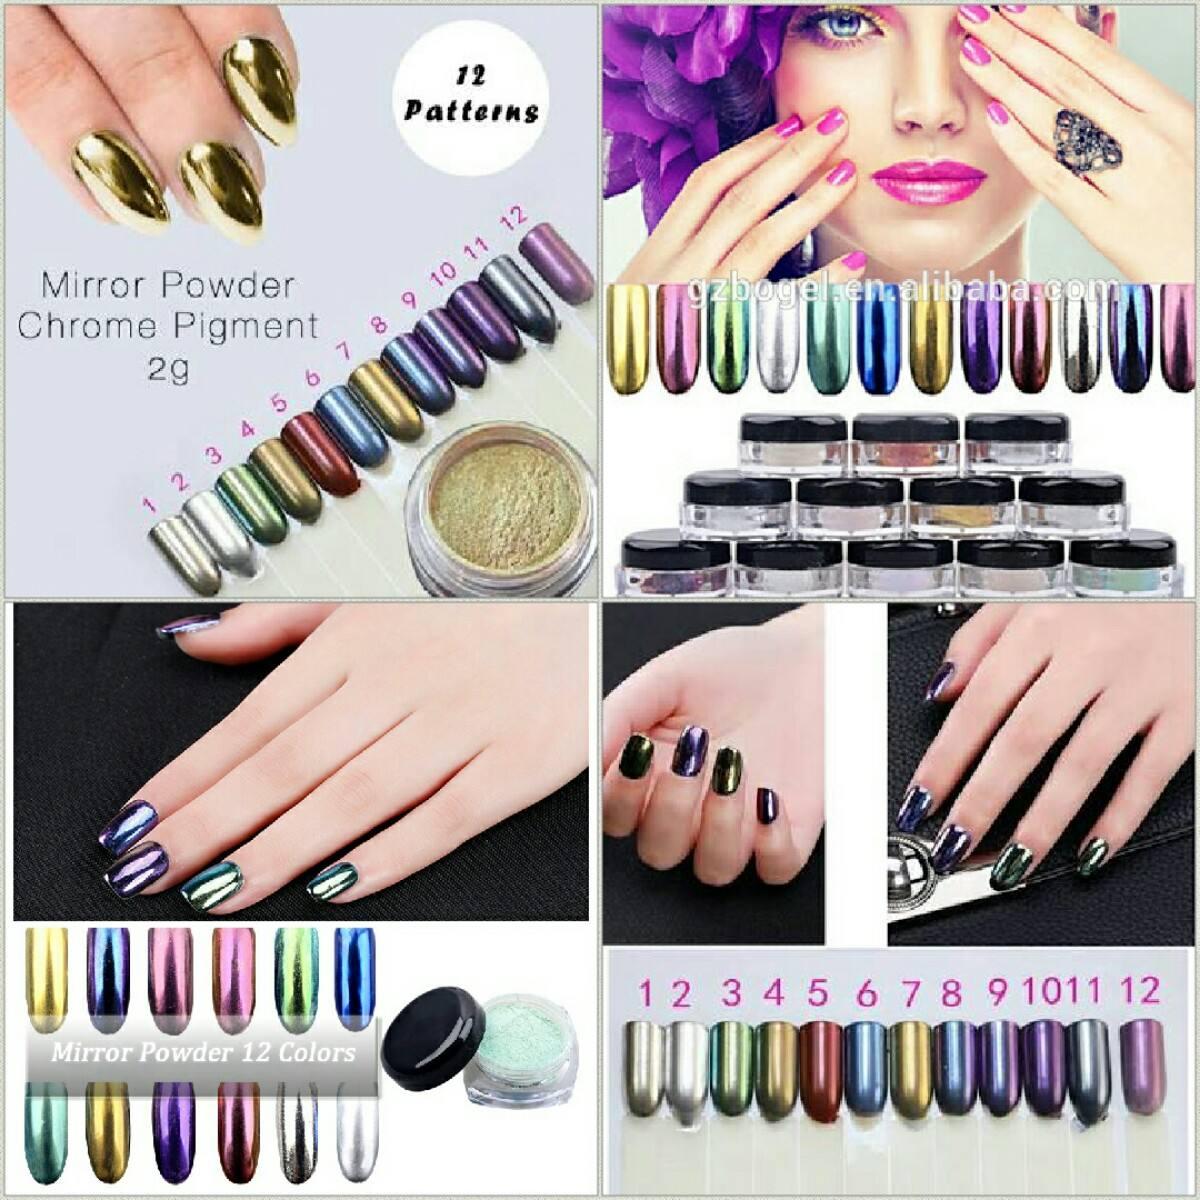 Polvo Uñas Efecto Espejo 12 Colores 2g Gelish - $ 280.00 en Mercado ...